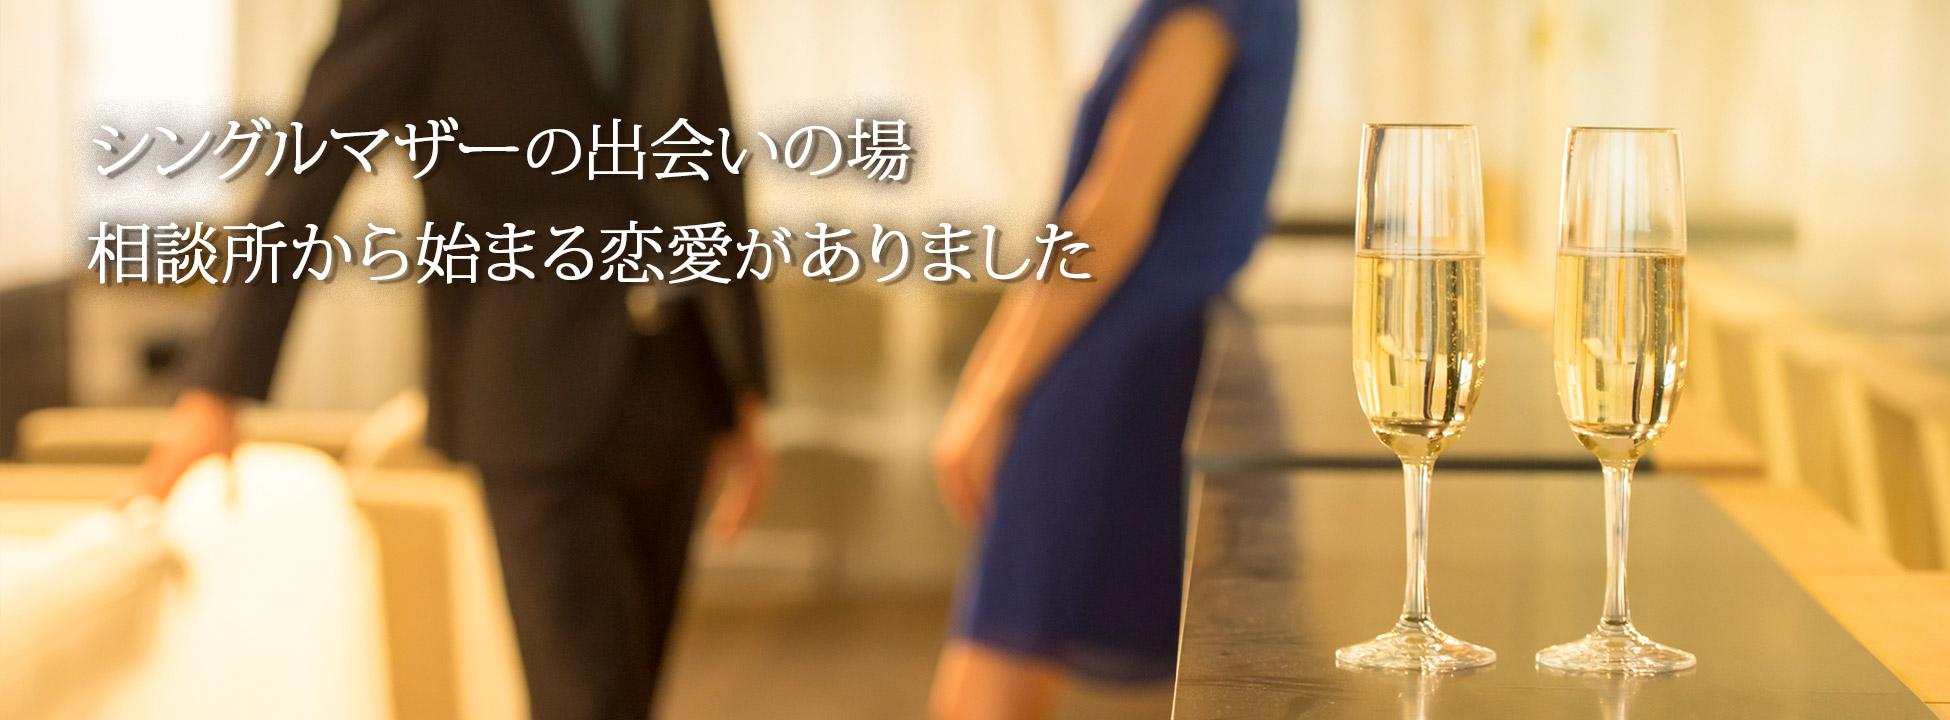 シングルマザー 出会いの場 結婚相談所 福岡